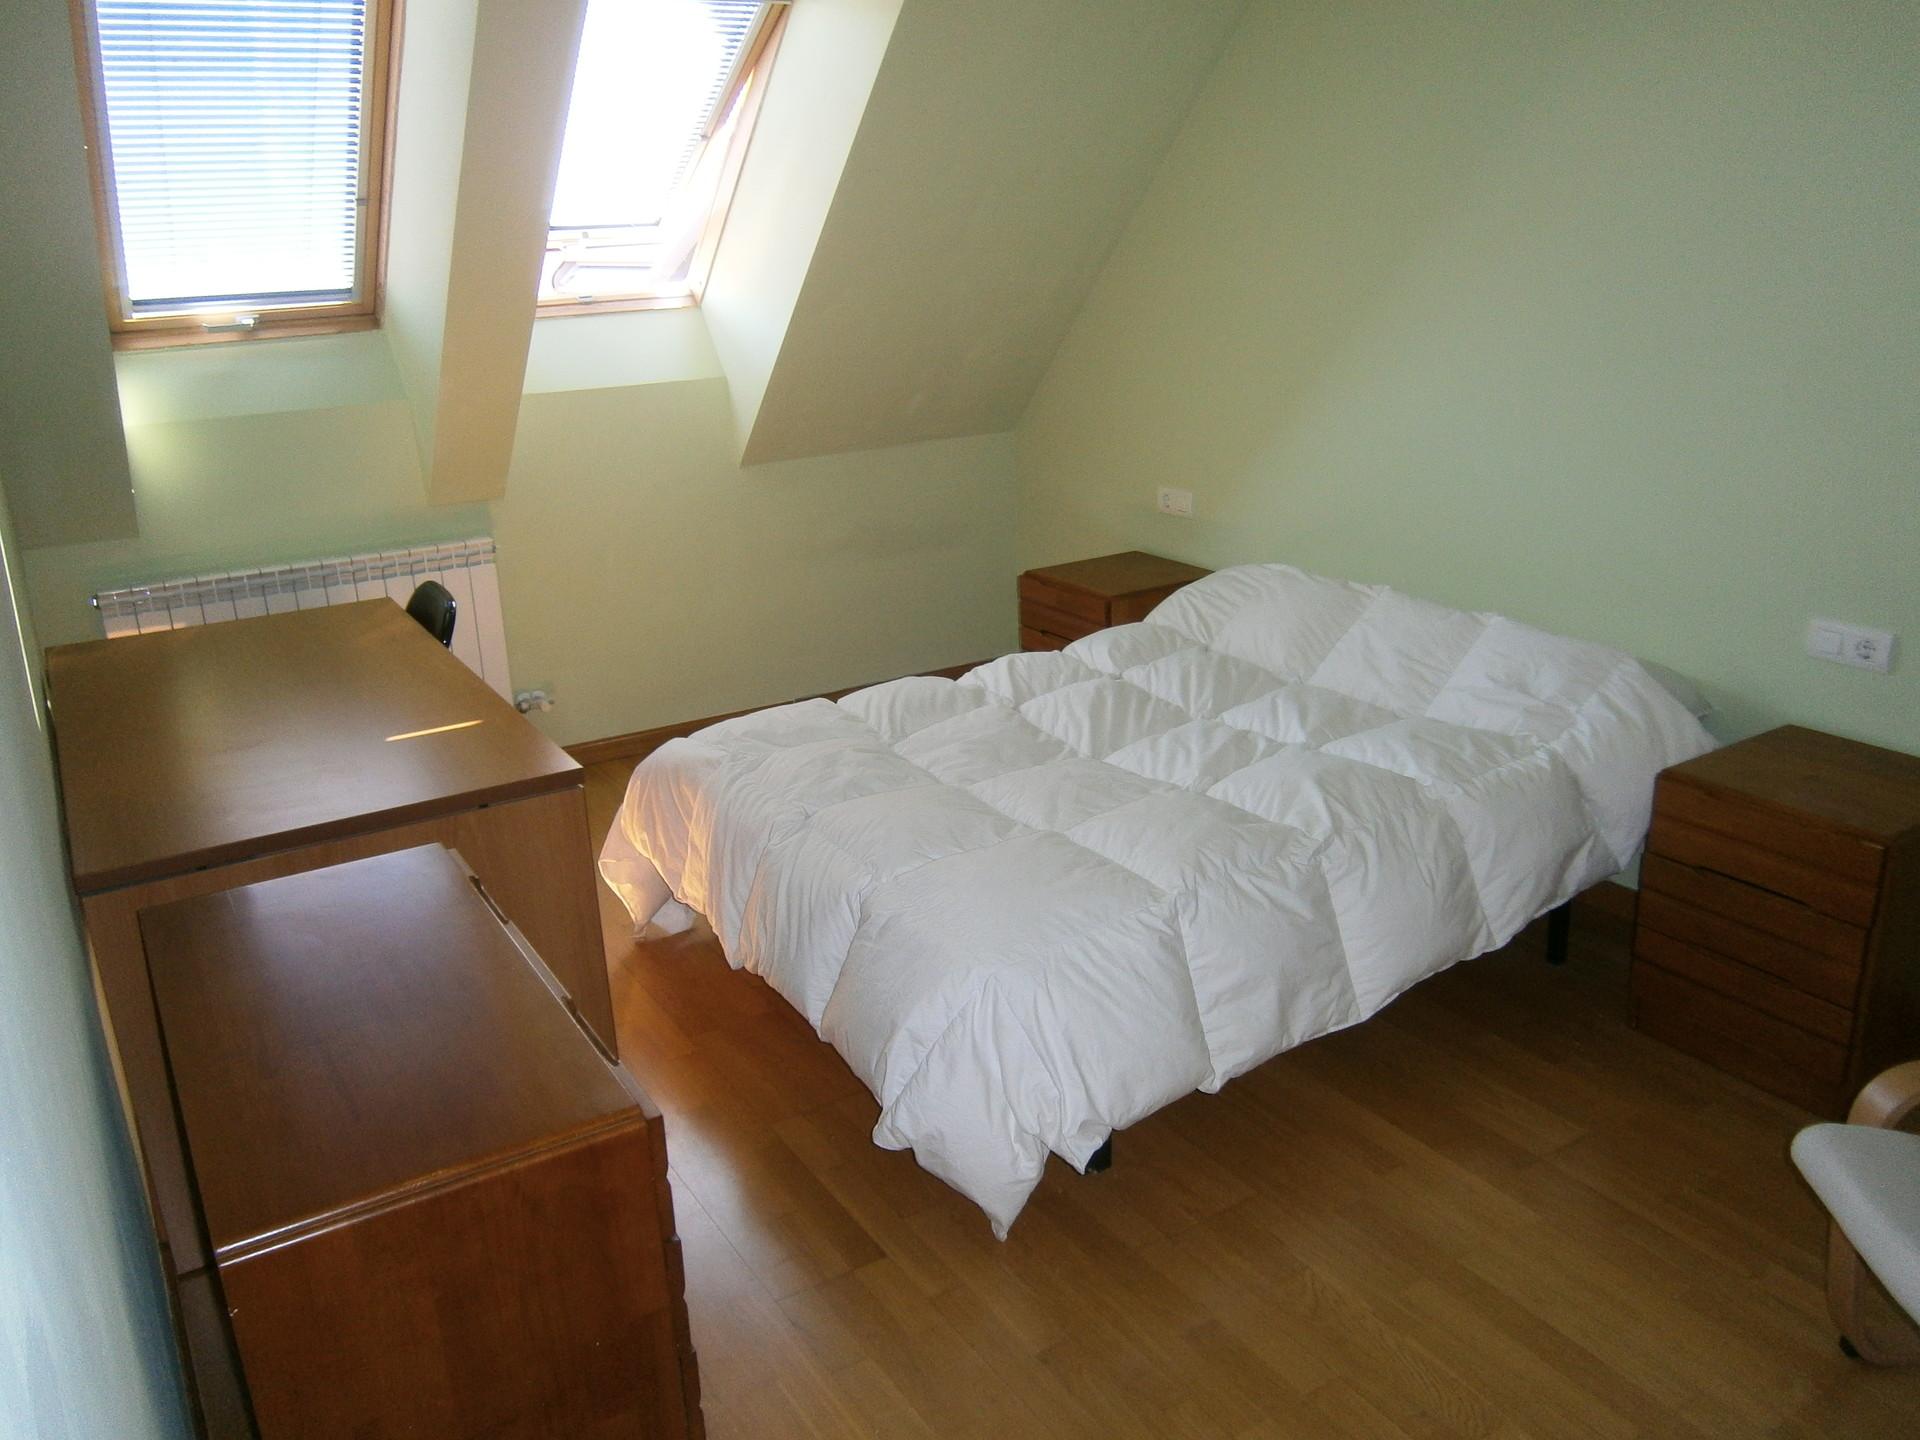 Habitación con cama doble y mesa de estudio grande